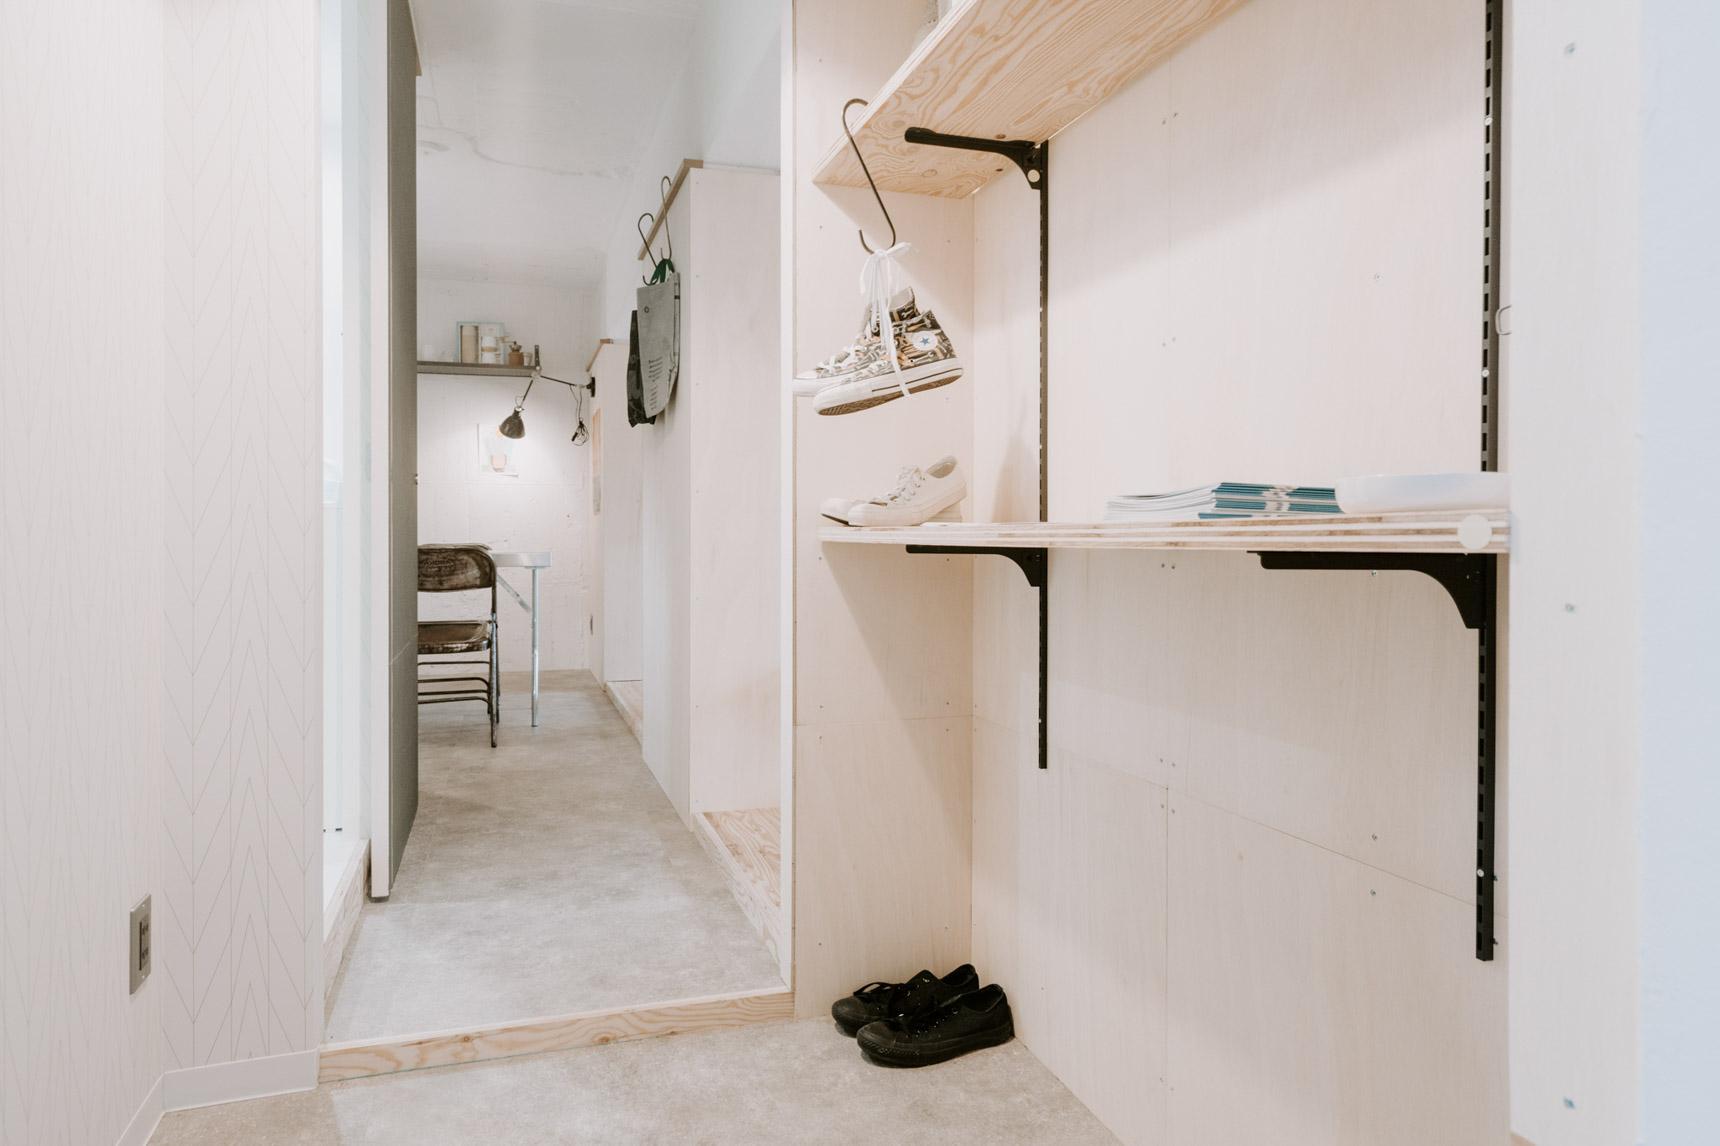 例えば、壁はベニヤ仕上げなので釘を打つことが可能。こんな風に、有孔ボードや棚受けレールをつけて、自分だけの収納を作ることも。